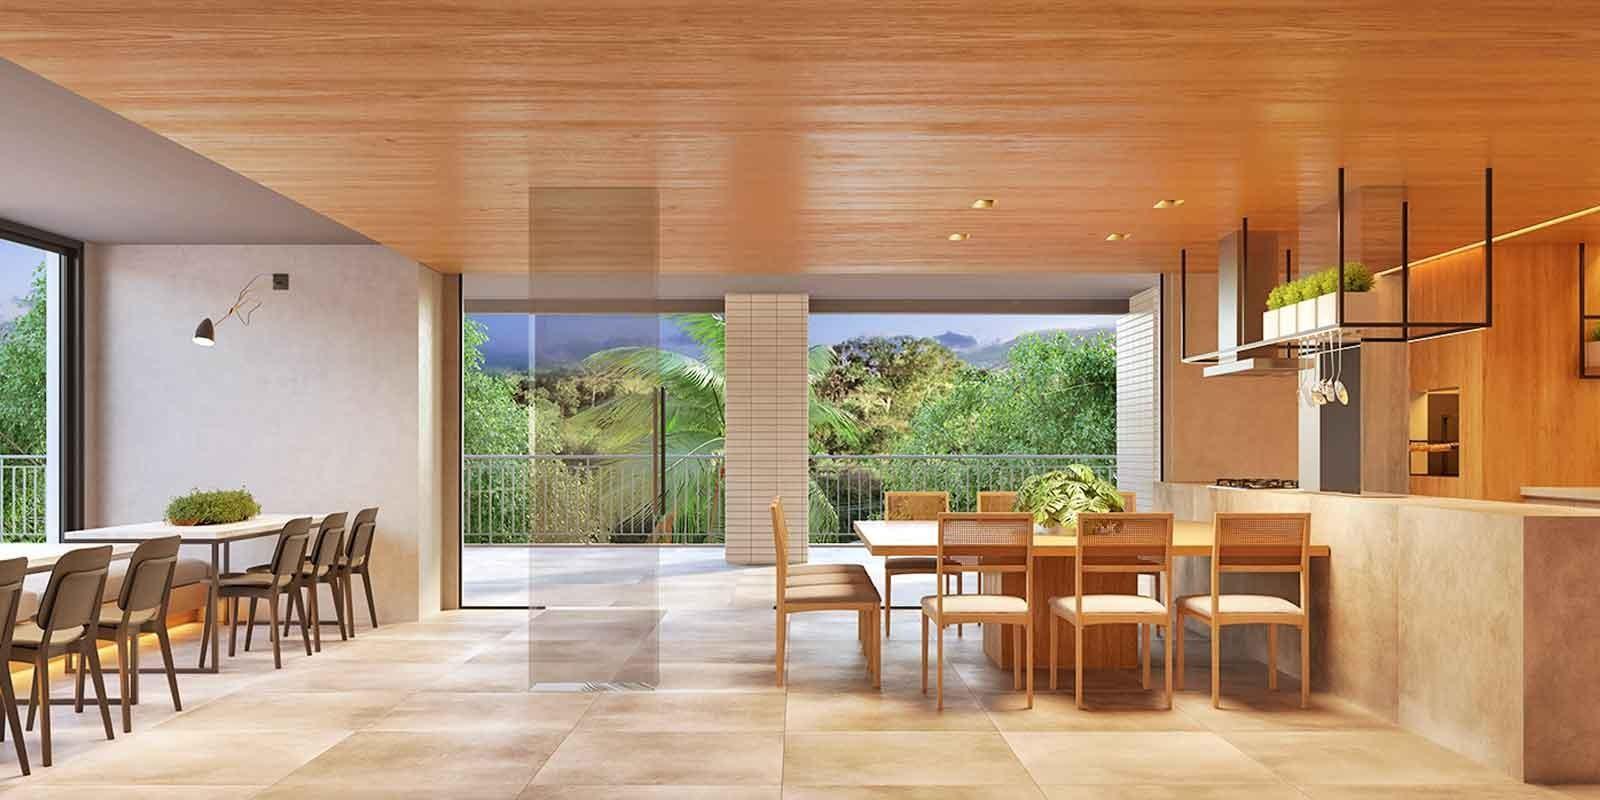 TPS Imóveis - Veja Foto 13 de 20 do Lindos Apartamentos com 3 Suítes Perto da Natureza